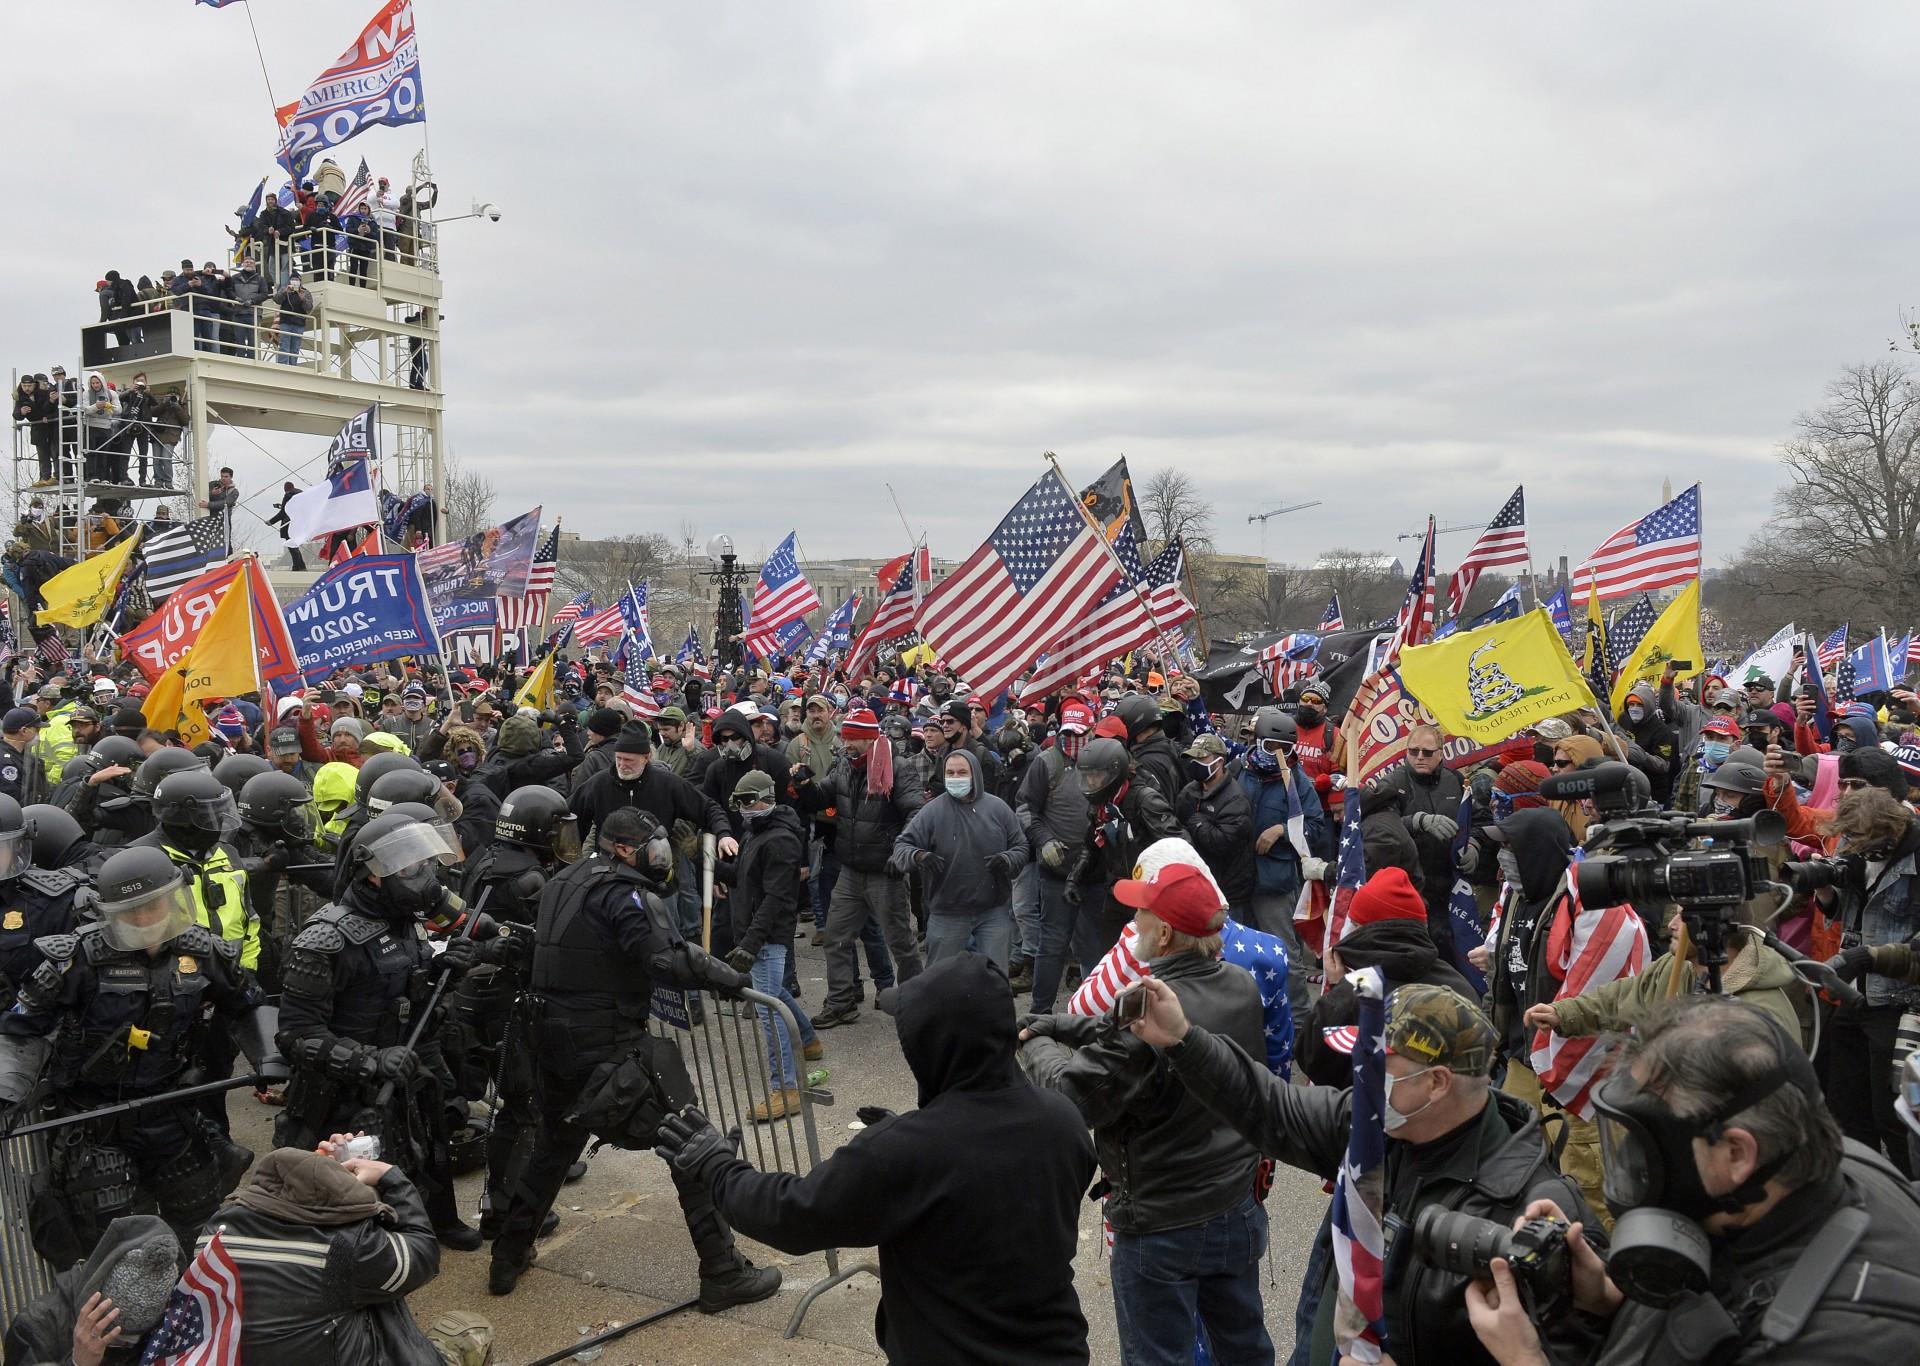 (Foto: Joseph Prezioso / AFP)Donald Trump pediu aos seus seguidores que se manifestassem contra a certificação da vitória de Joe Biden nas eleições de 3 de novembro último